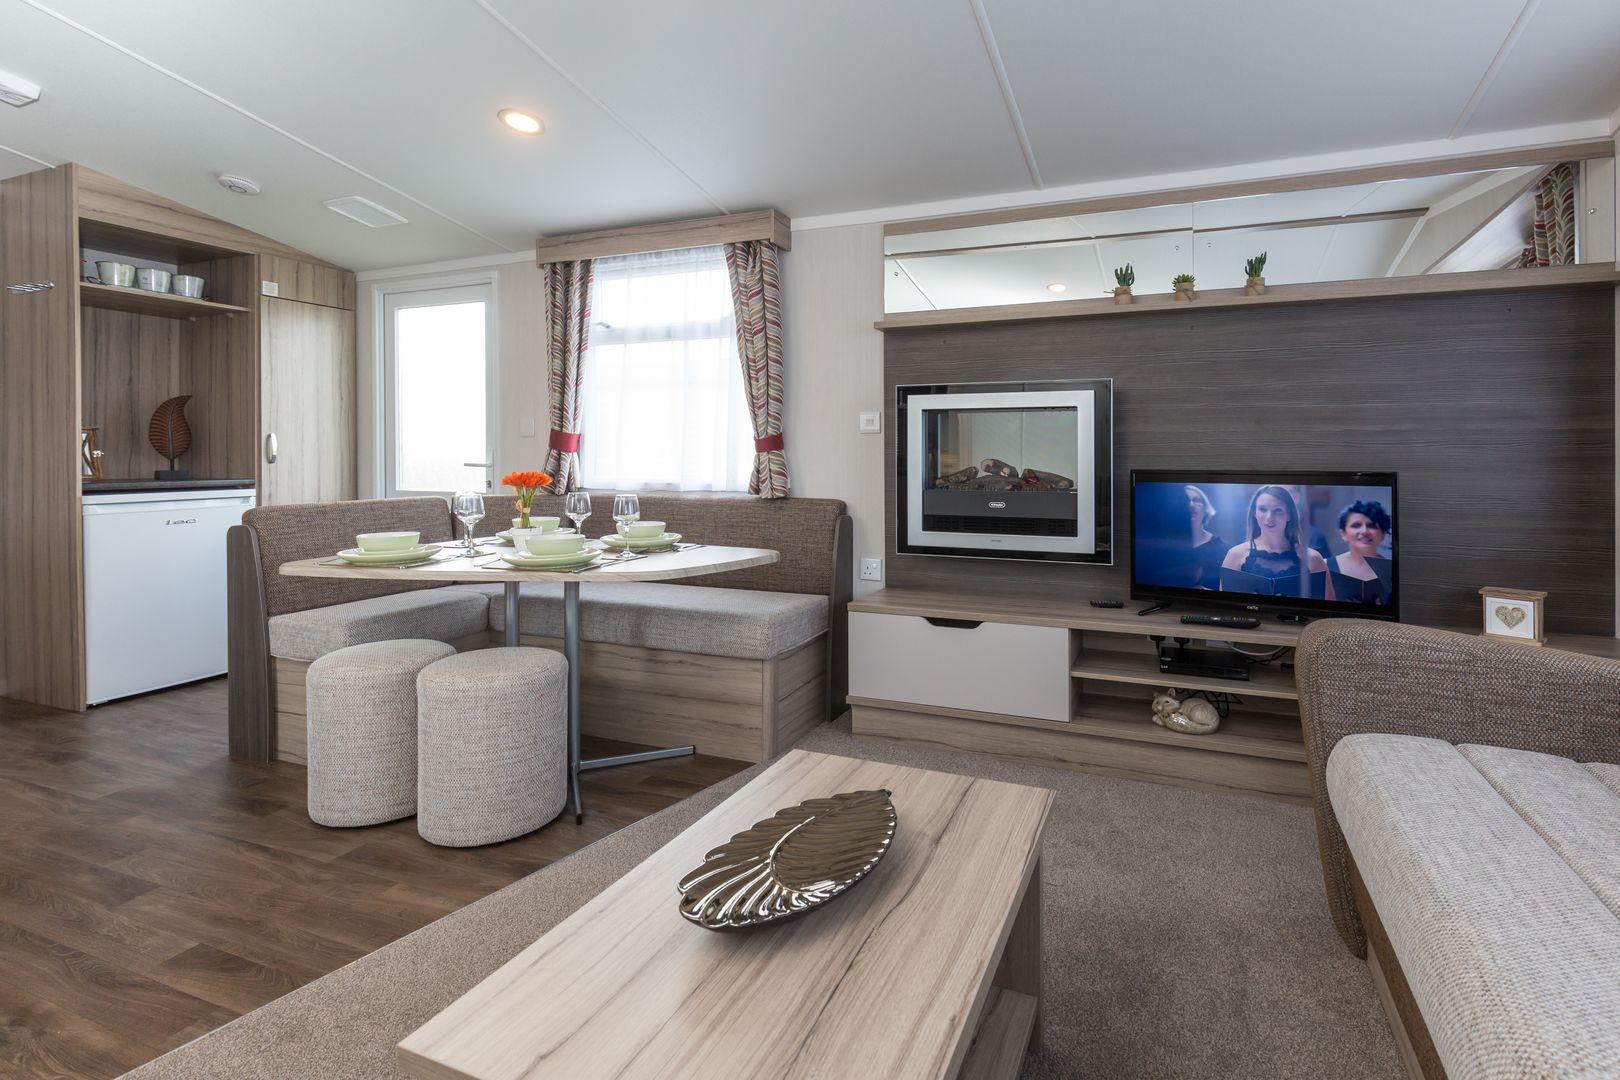 2 Bed Snowdrop Caravan, Dog Friendly, Pentire Coastal Holiday Park